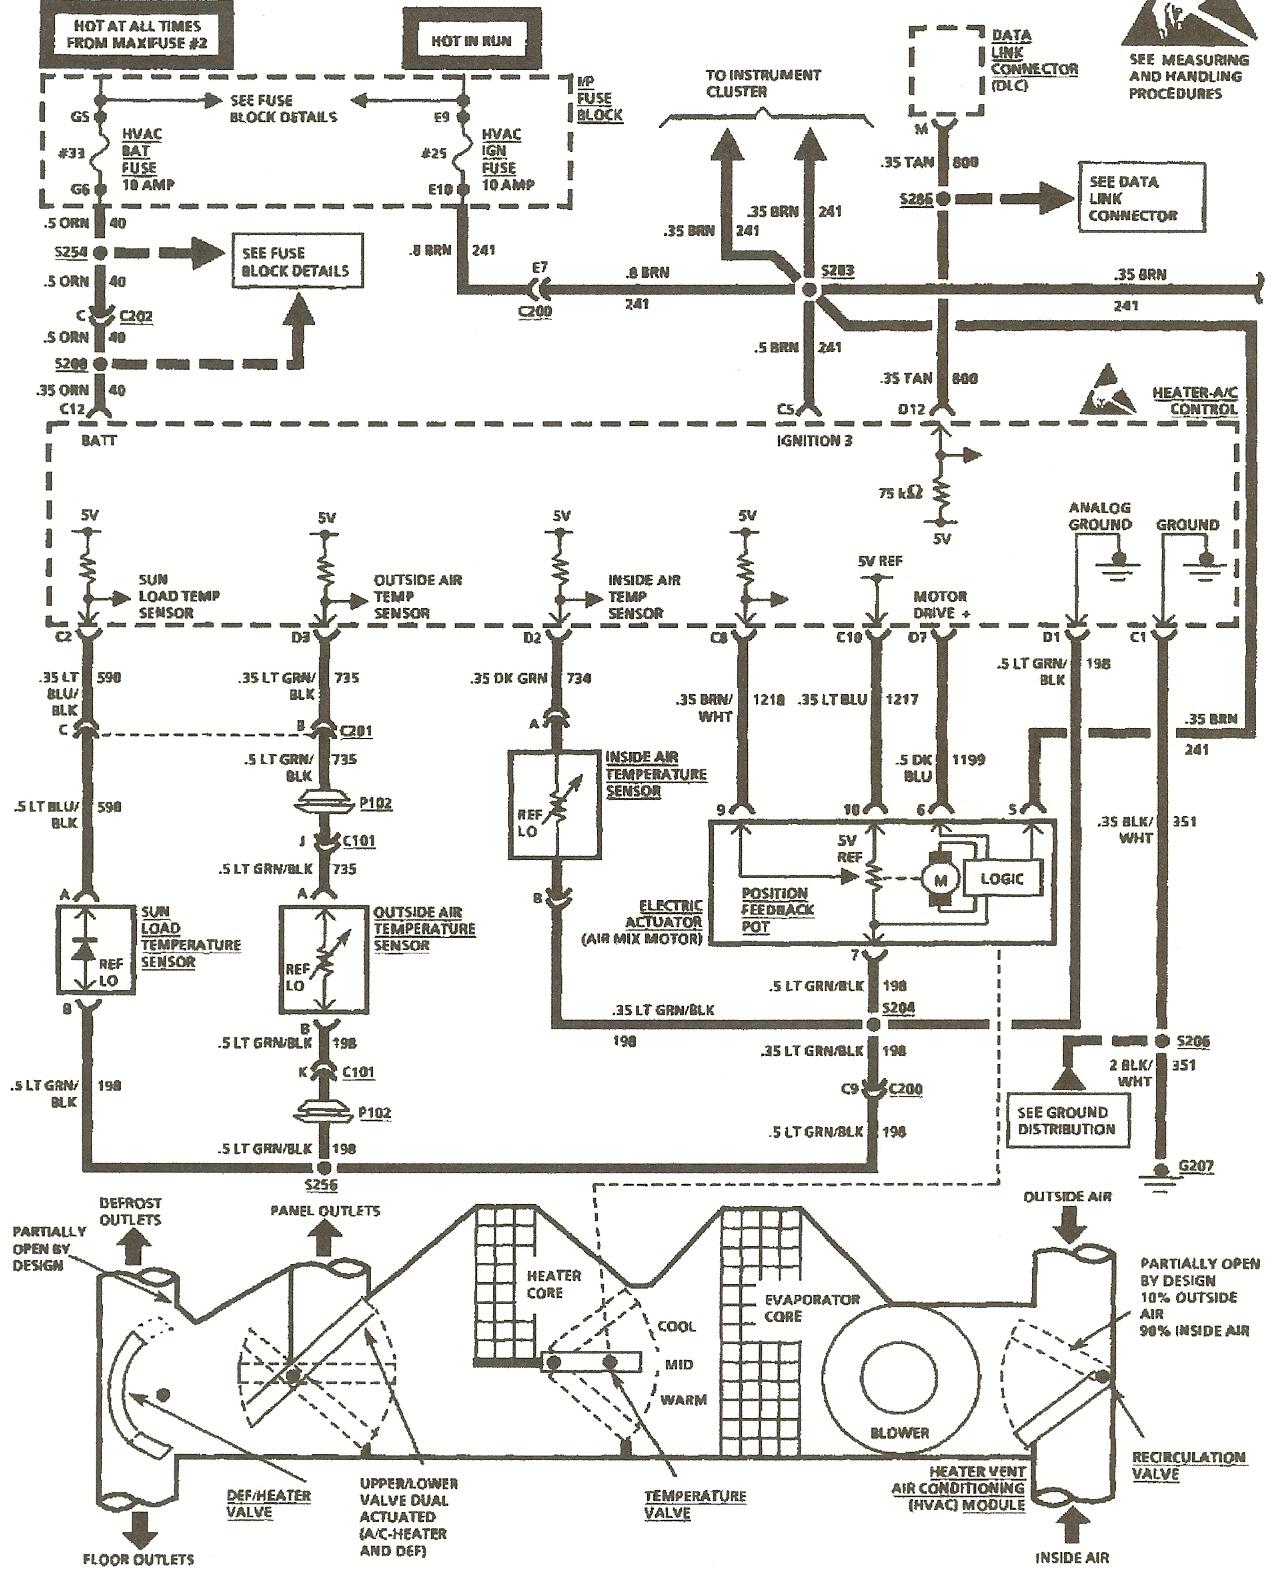 93 jeep cherokee fuse diagram 1993 jeep cherokee fuse box diagram image details  1993 jeep cherokee fuse box diagram